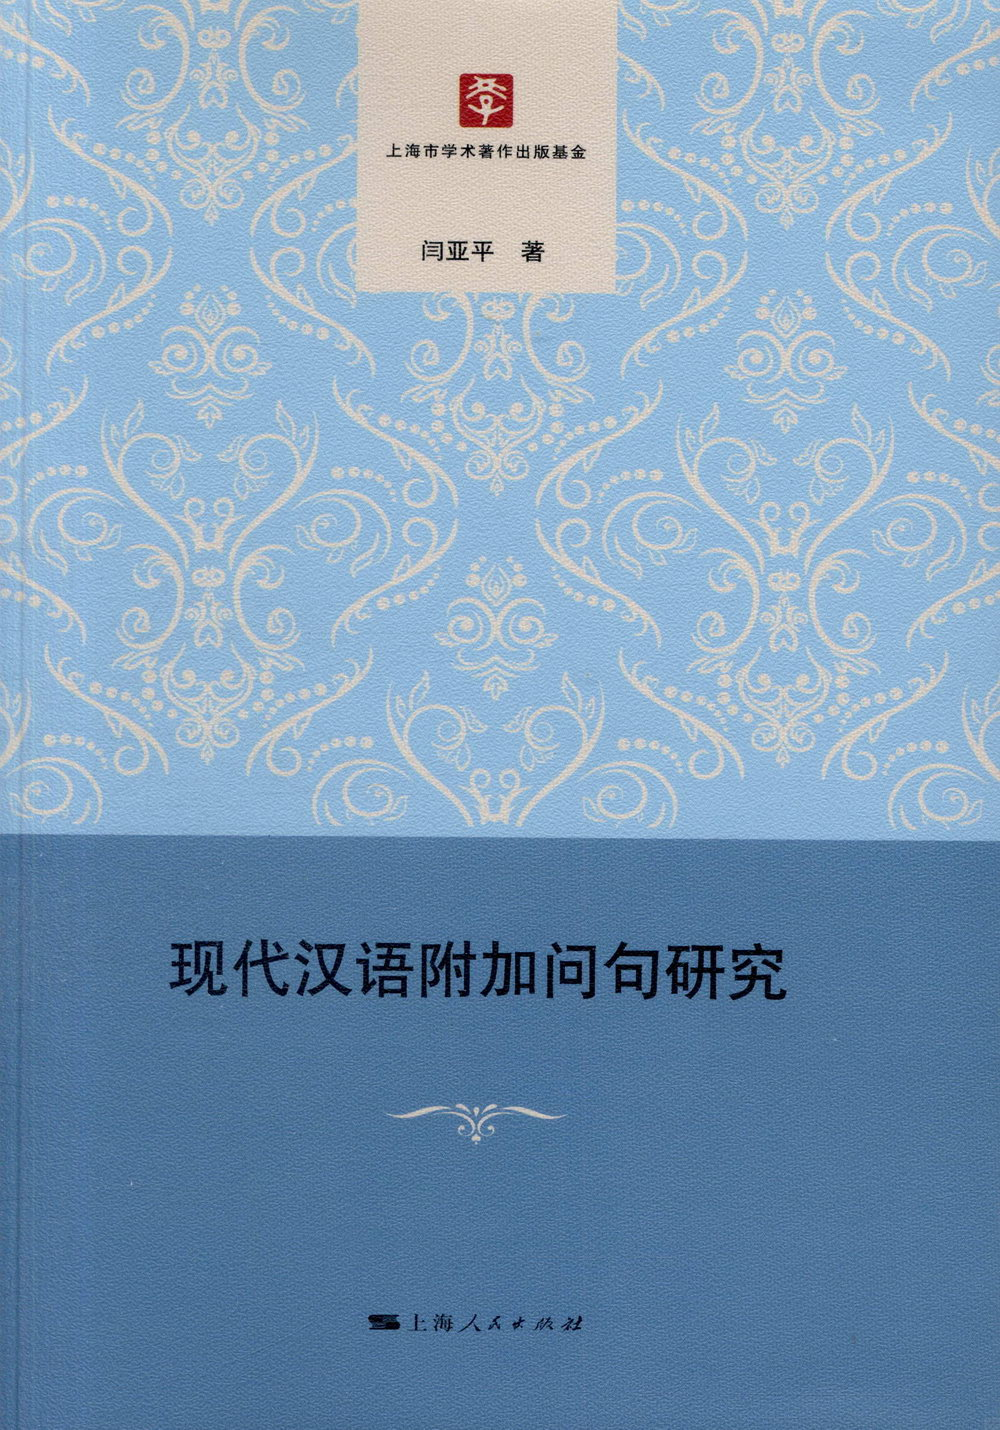 現代漢語附加問句研究